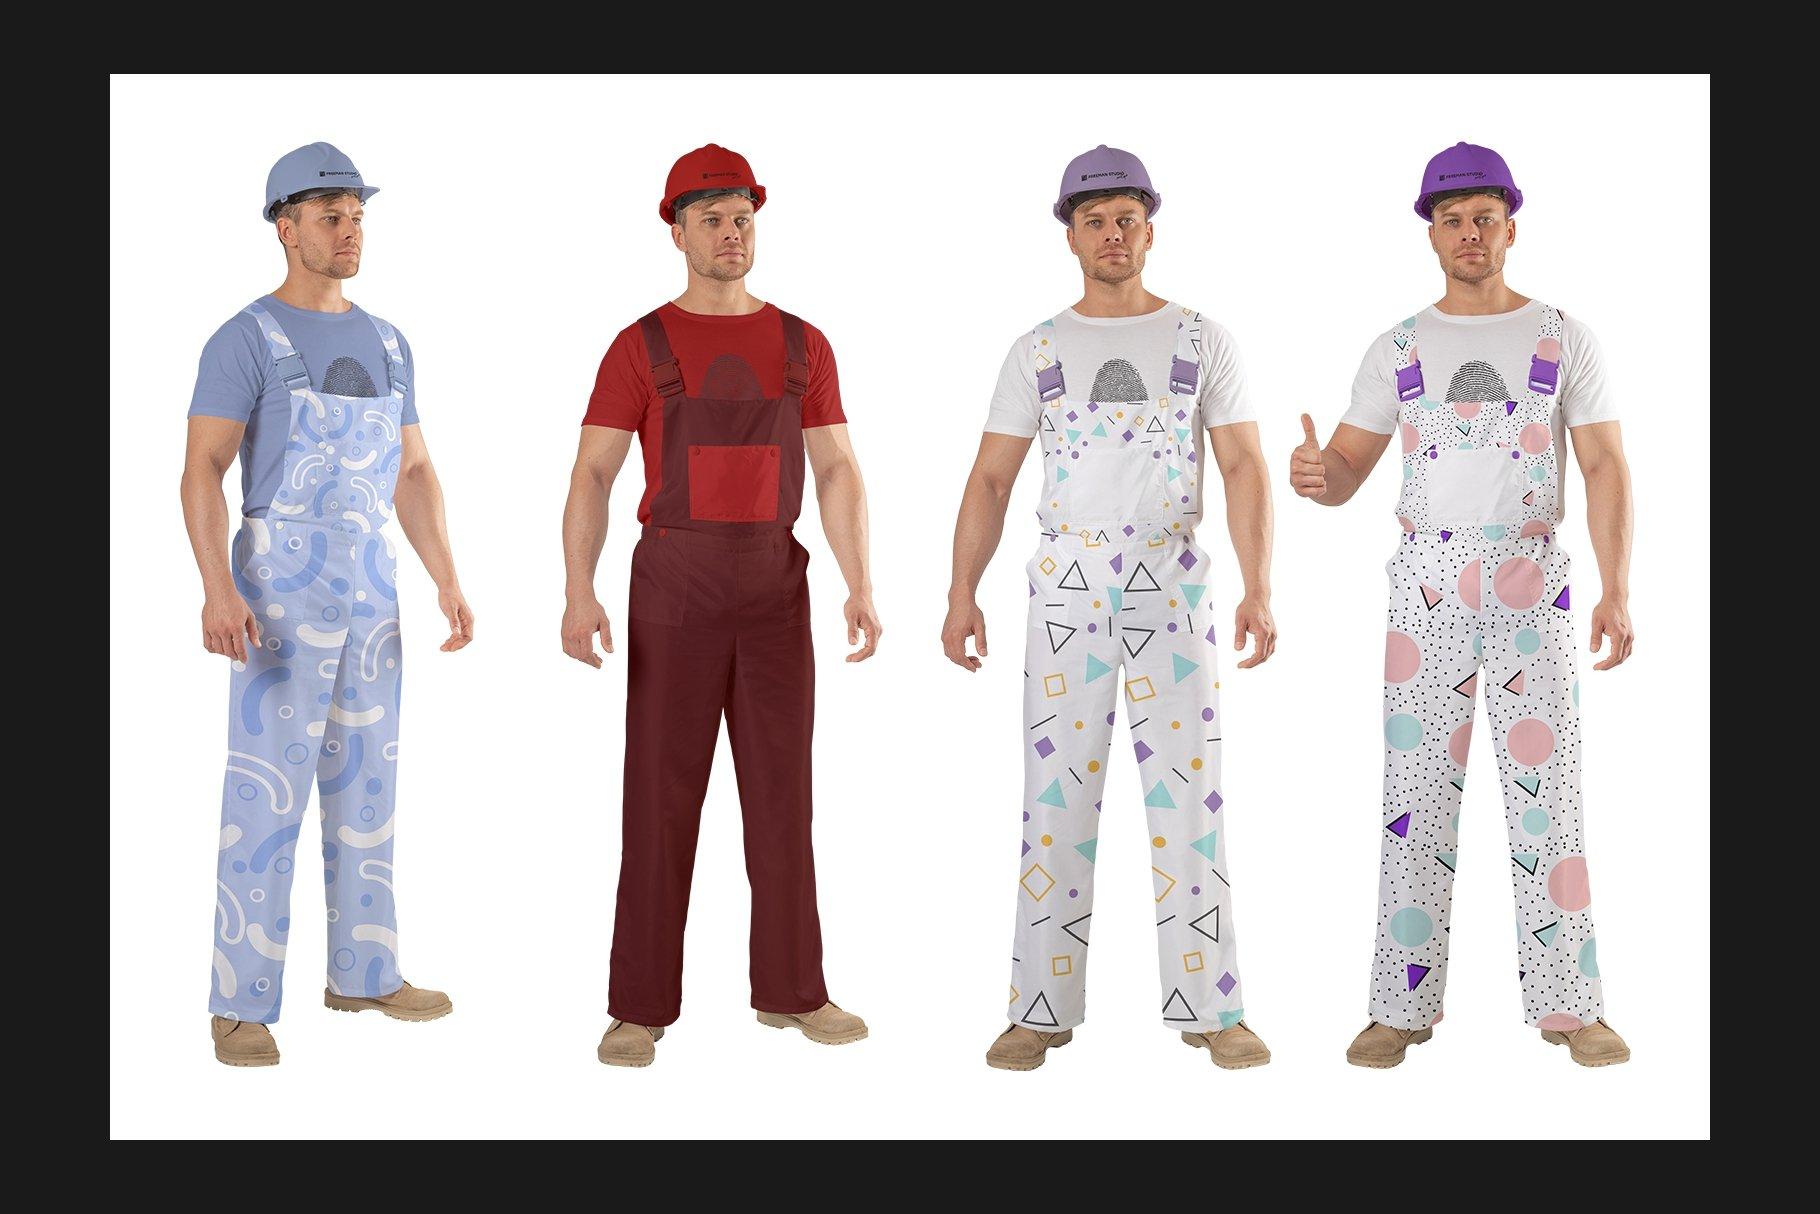 45个超大工装帽子安全帽品牌Logo设计智能贴图样机PSD模版素材 Working Overalls Suit Mock-Up Set插图9